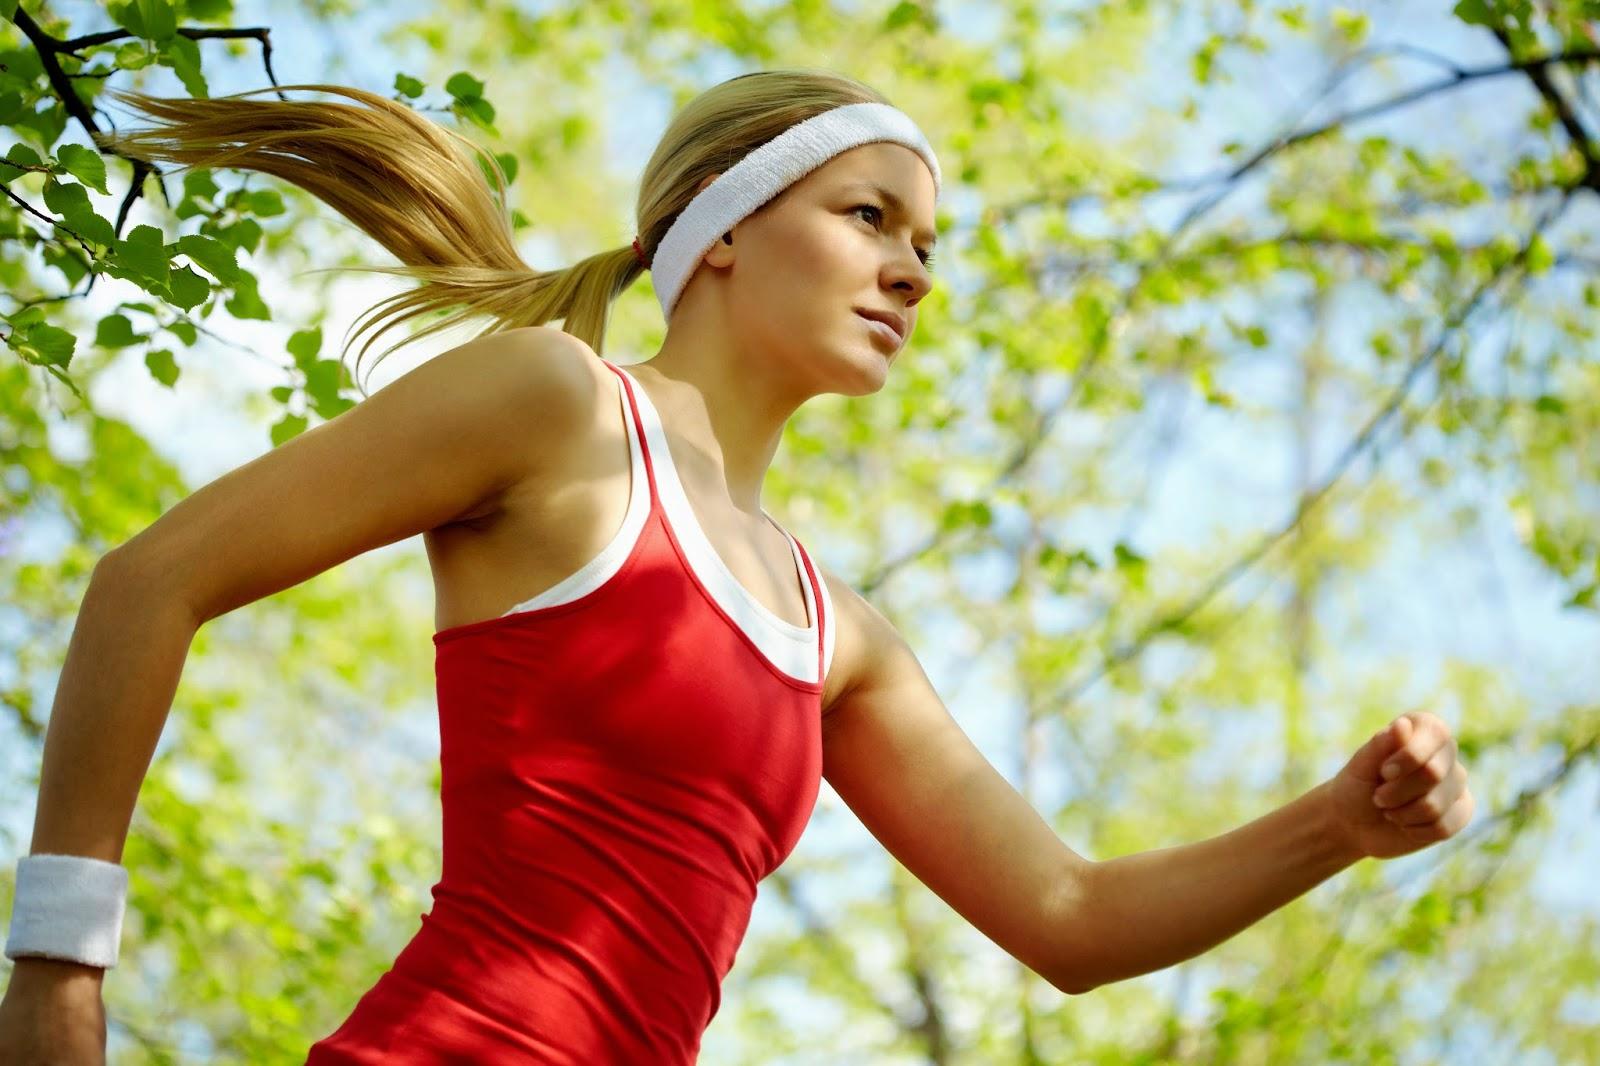 Yaşlanmayı engellemek için egzersiz programları